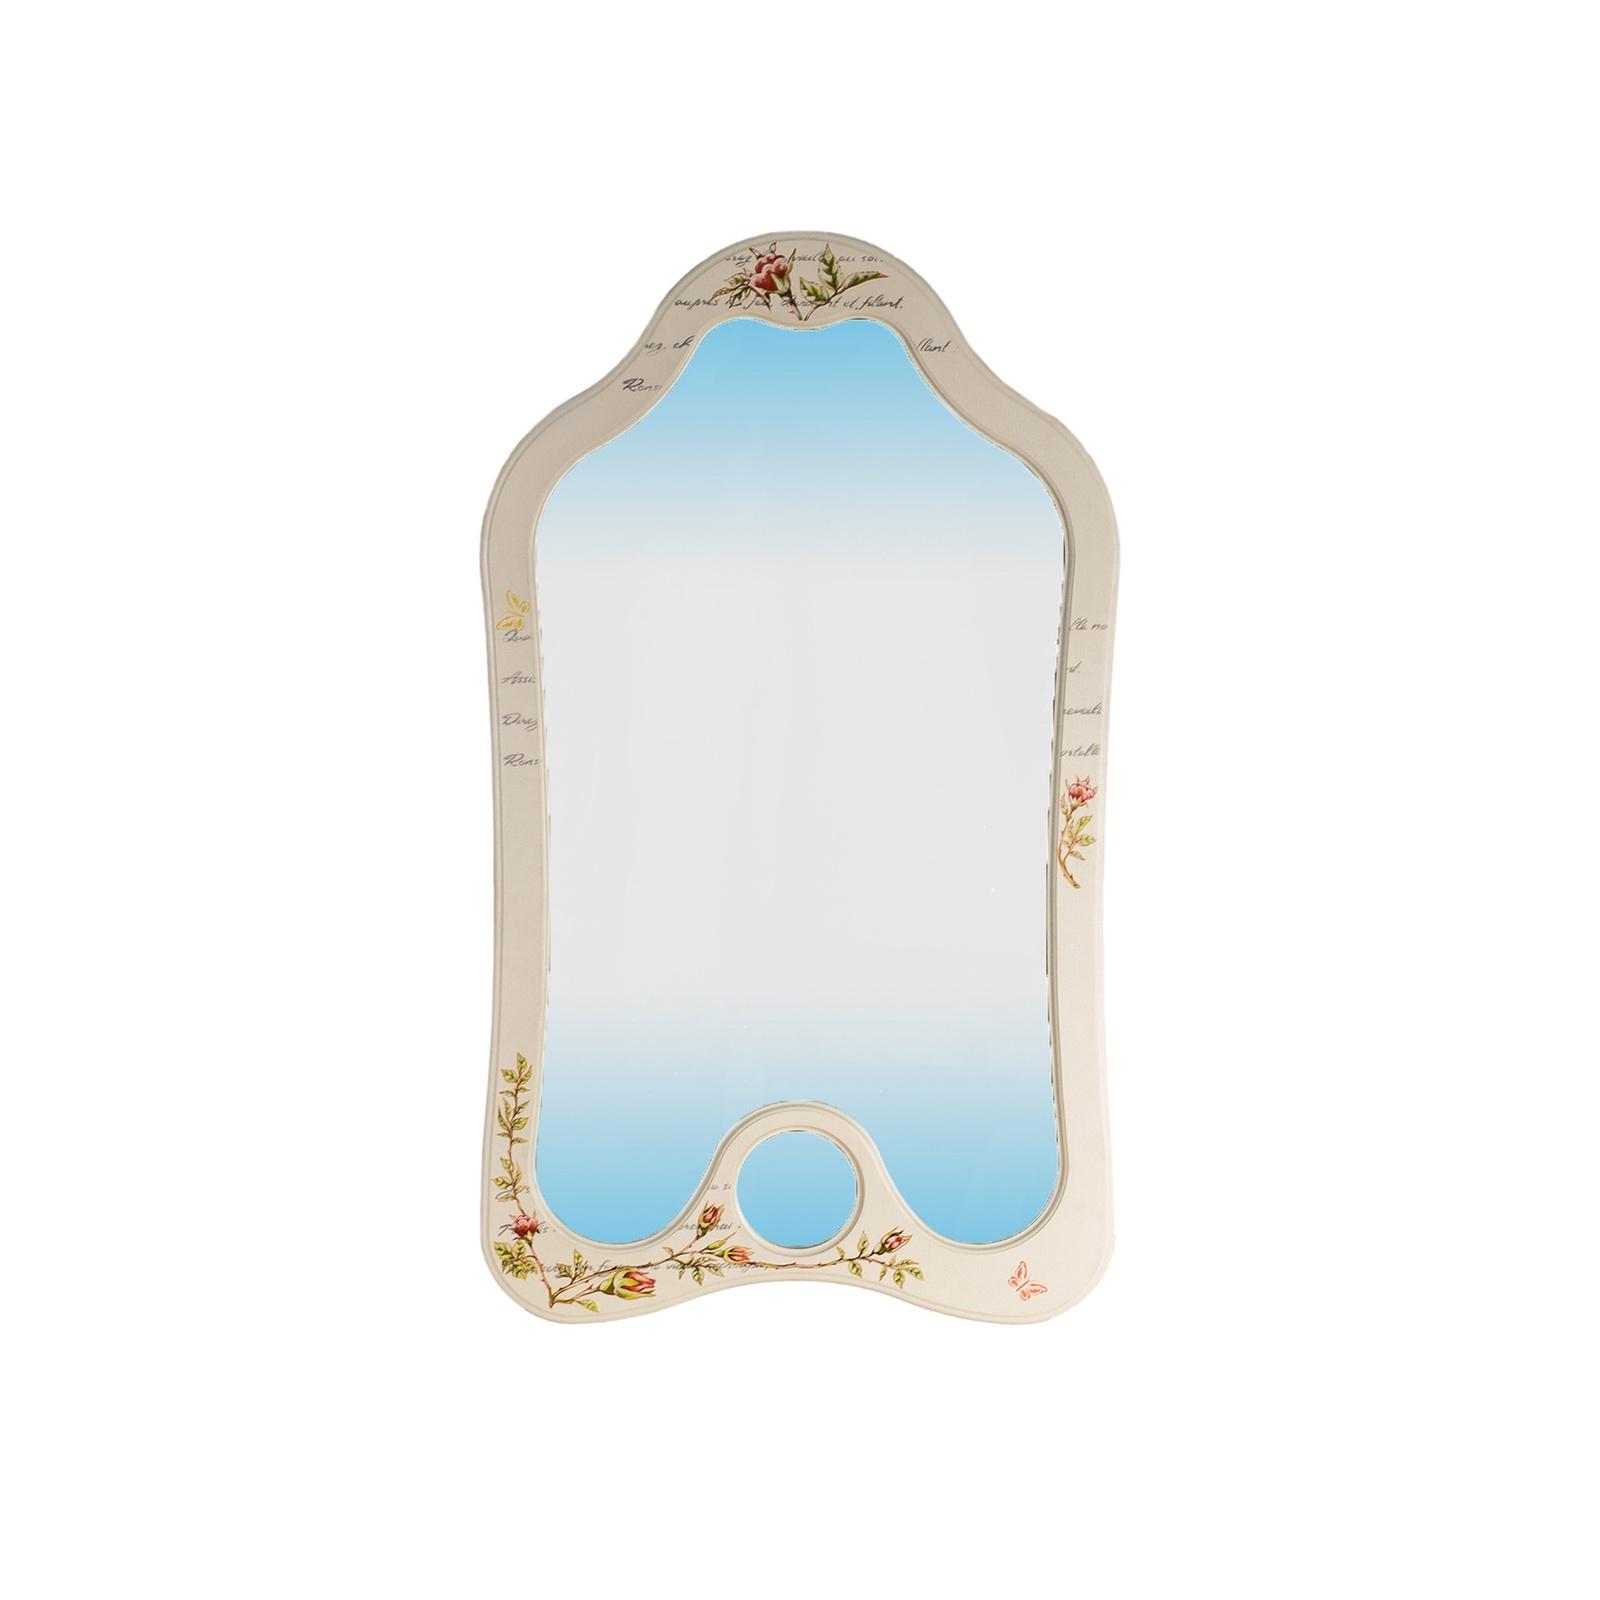 Зеркало настенное Висан Джульетта, светло-бежевый висан банкетка висан джульетта орех qphyt qy